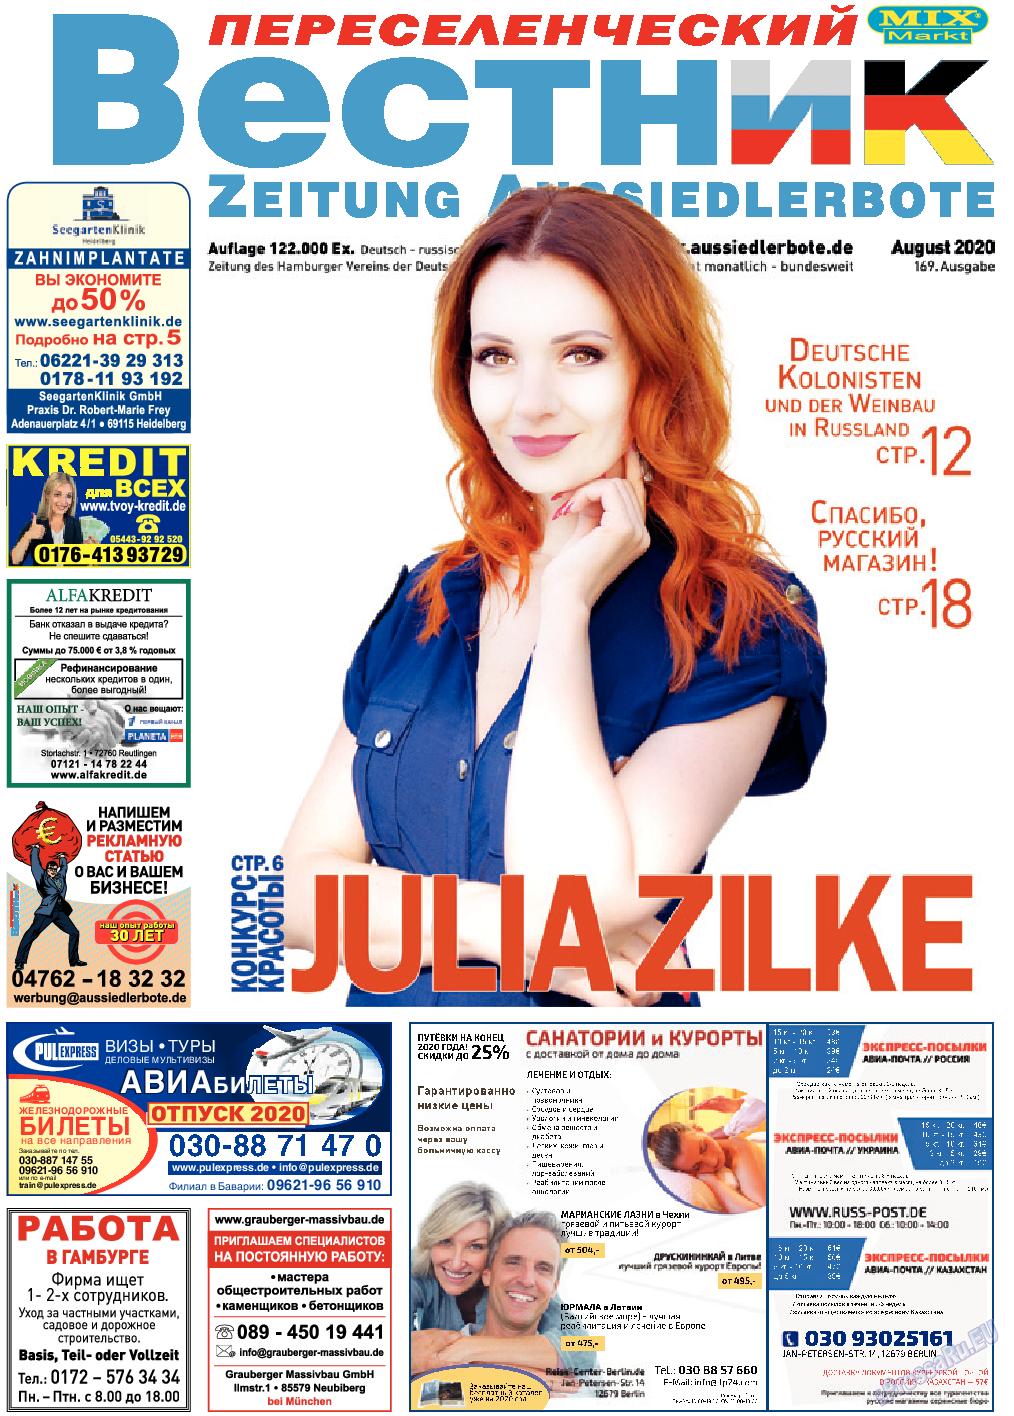 Переселенческий вестник (газета). 2020 год, номер 8, стр. 1